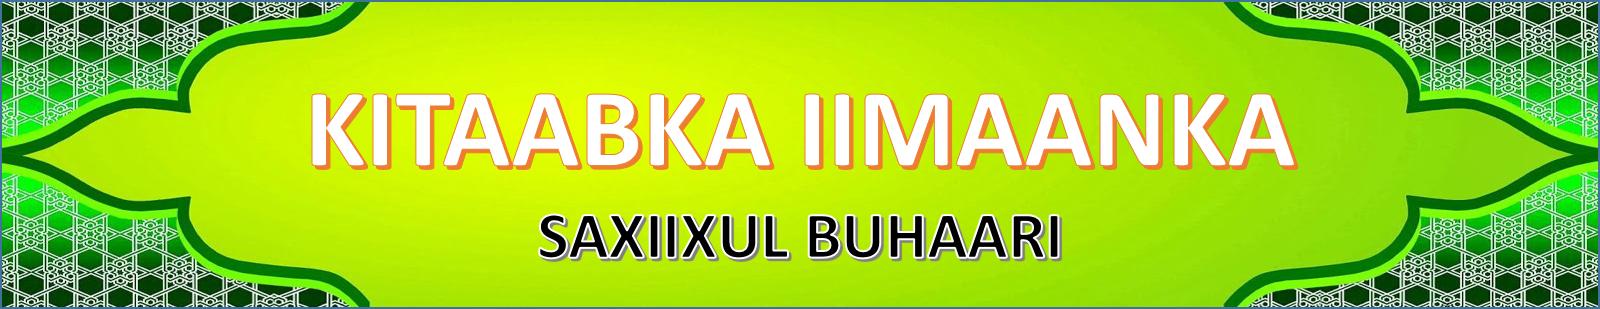 Xadiis Bukhaari (Kitaabka iimaanka)